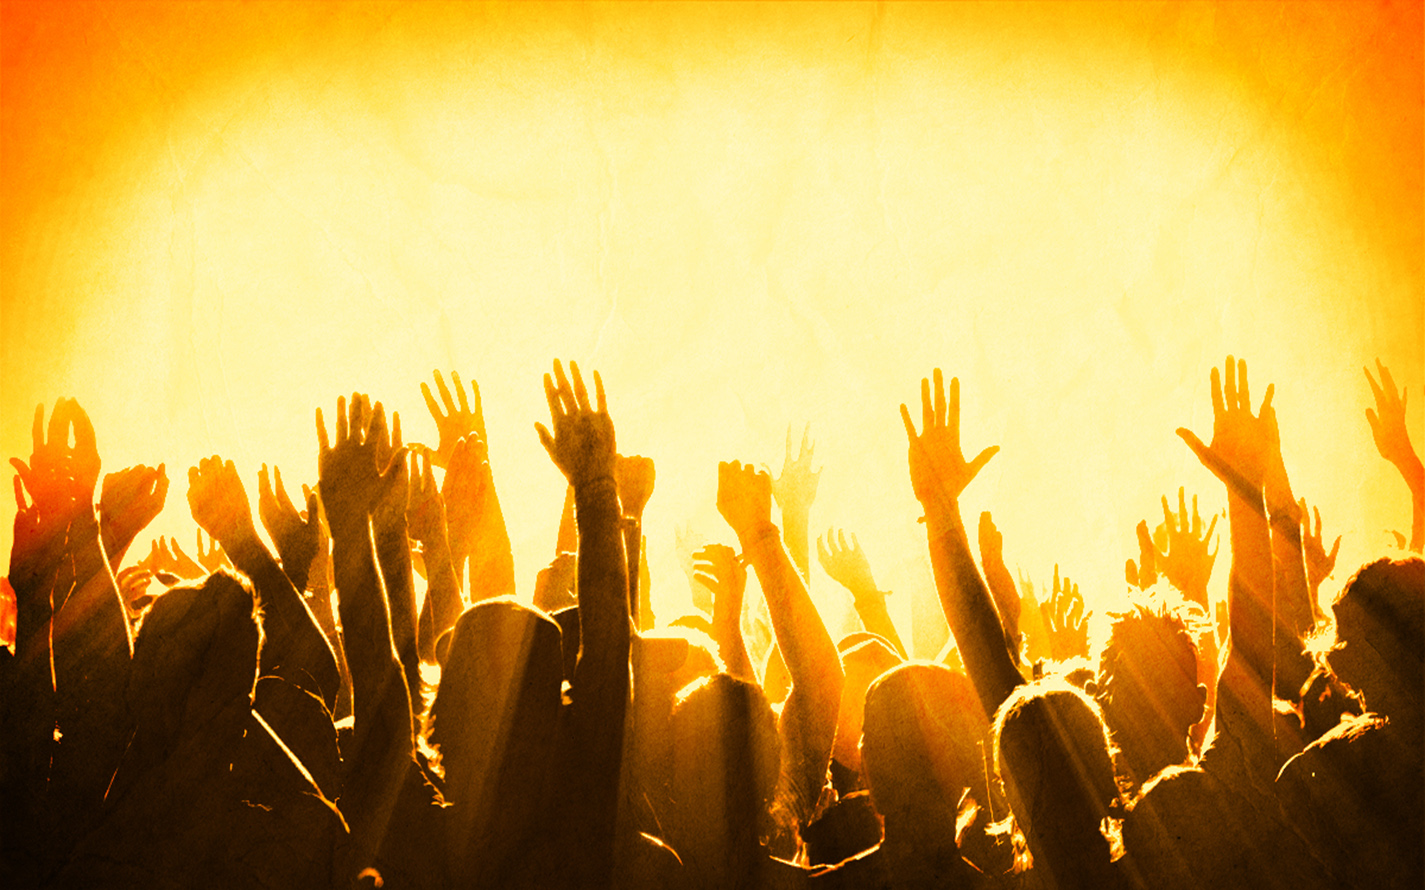 images/home-slides/hands-worship.jpg